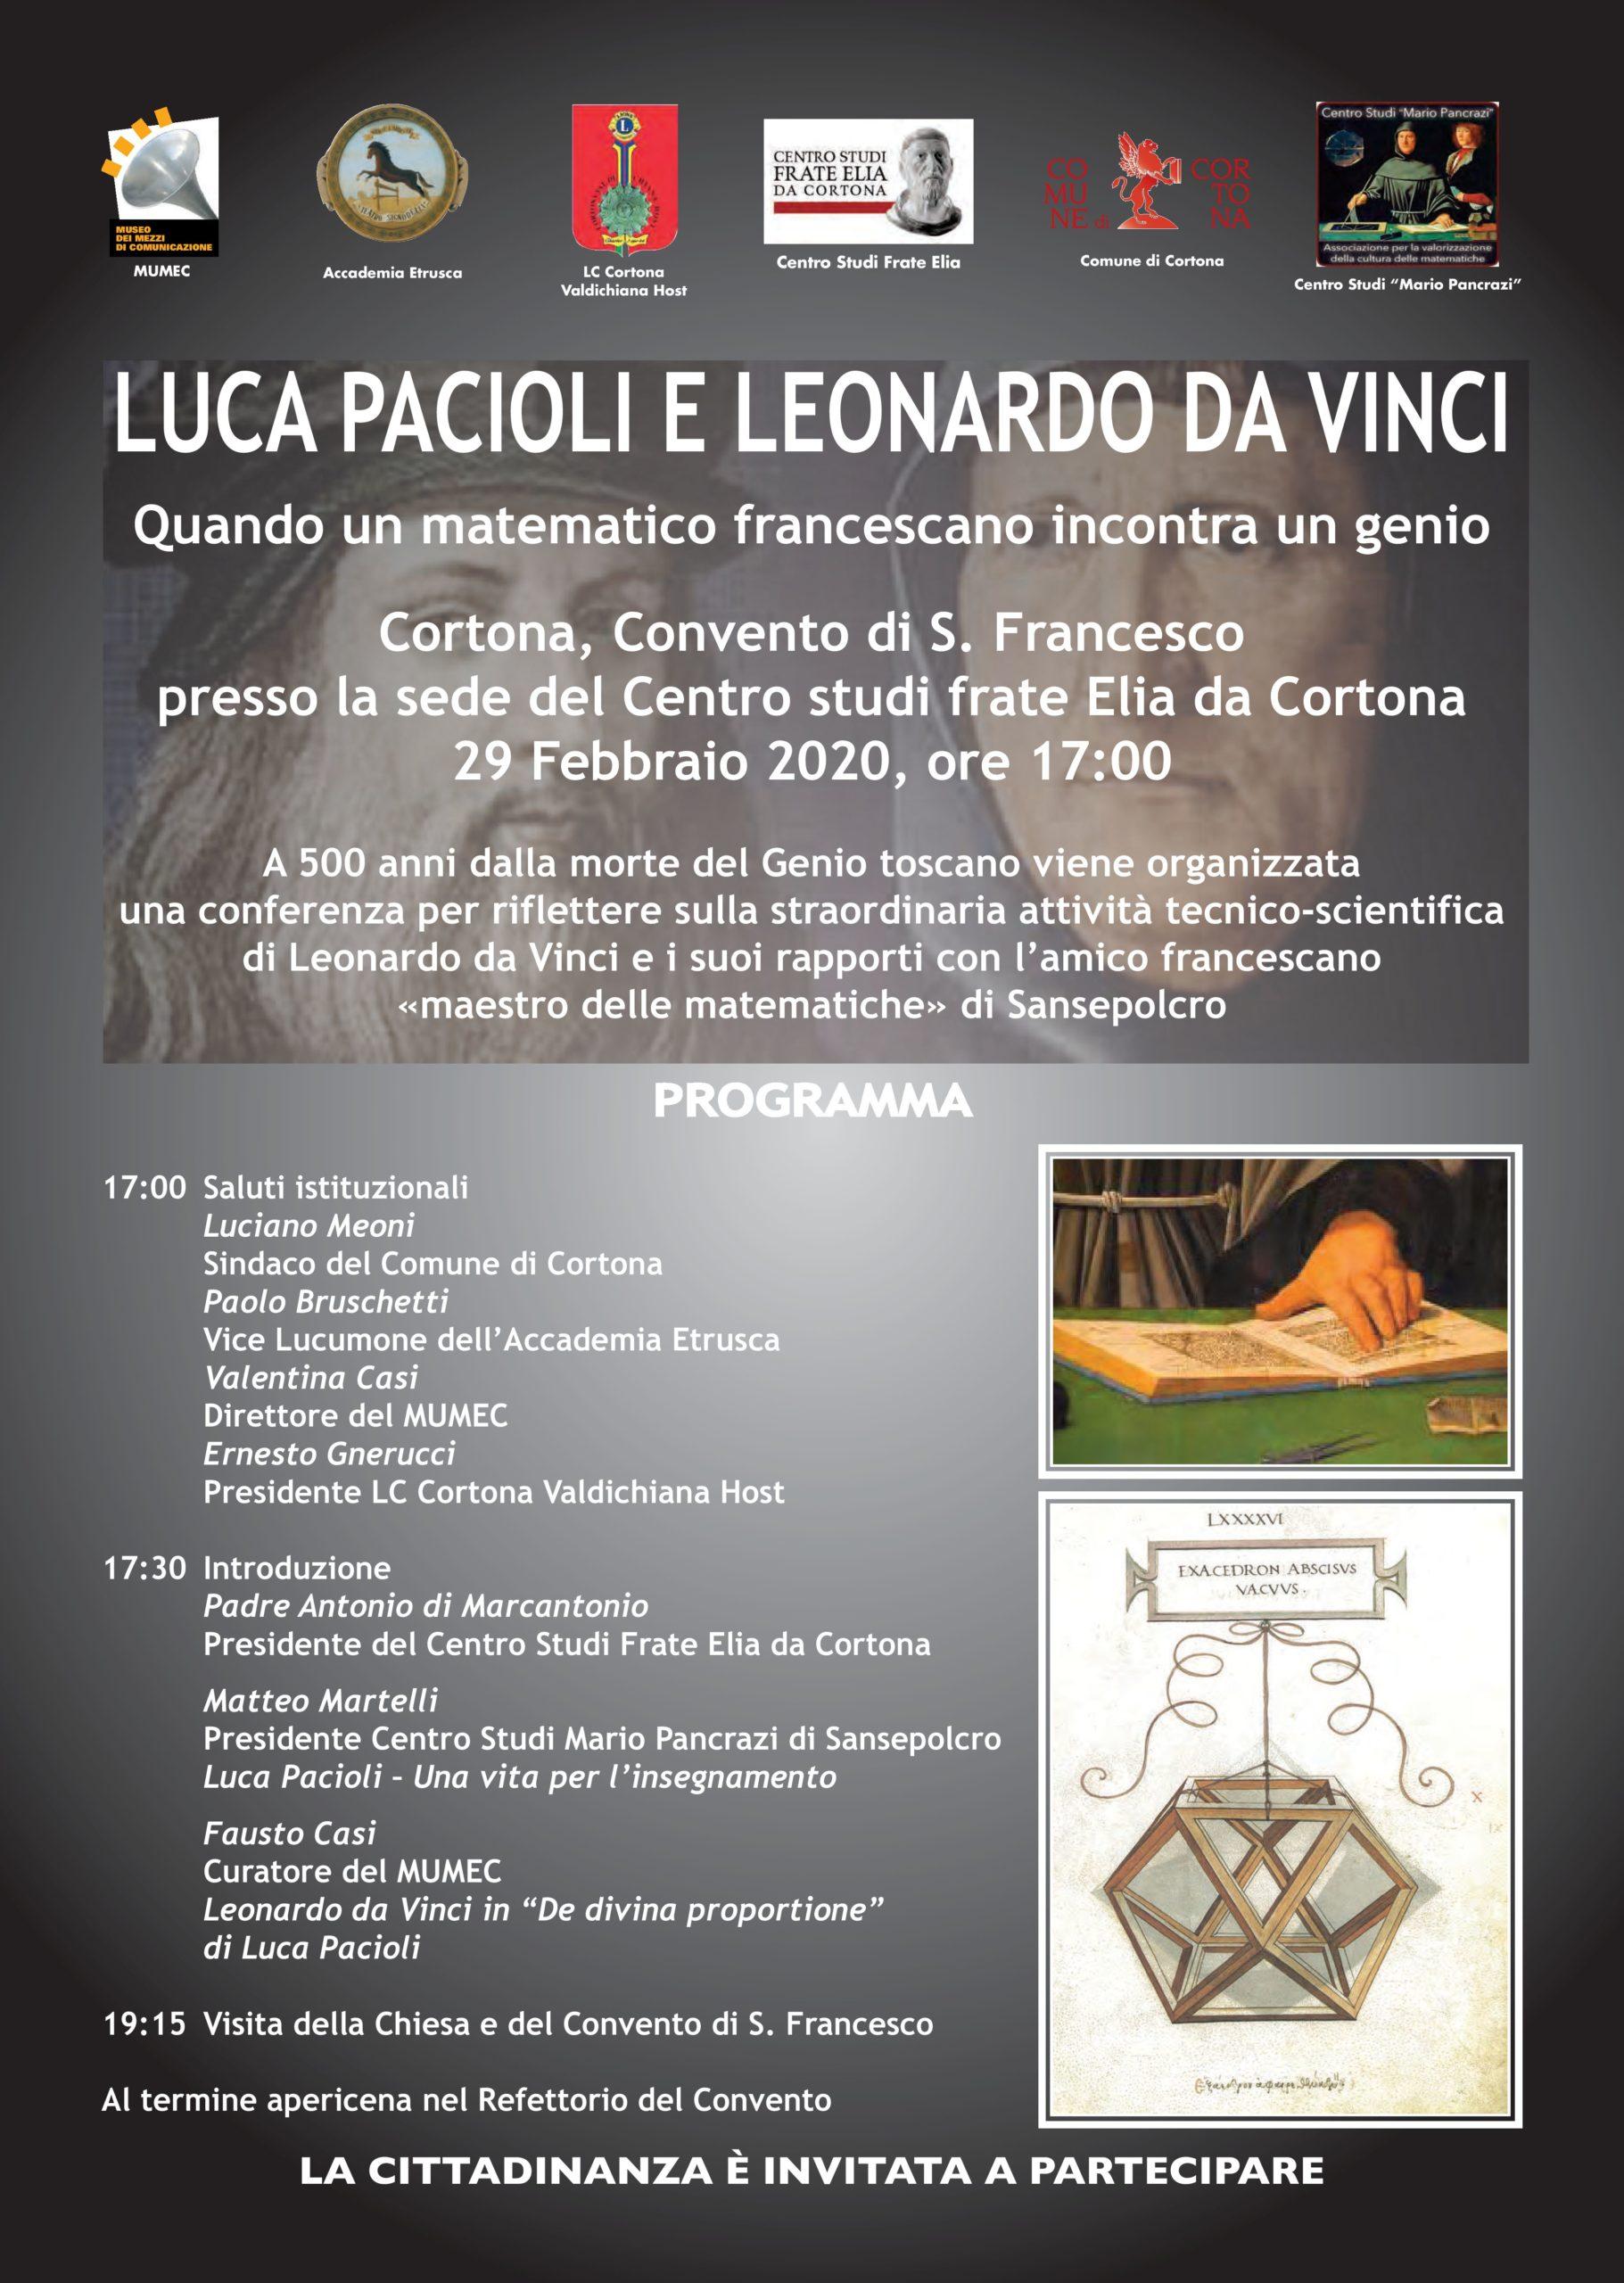 Luca Pacioli e Leonardo da Vinci, conferenza a Cortona